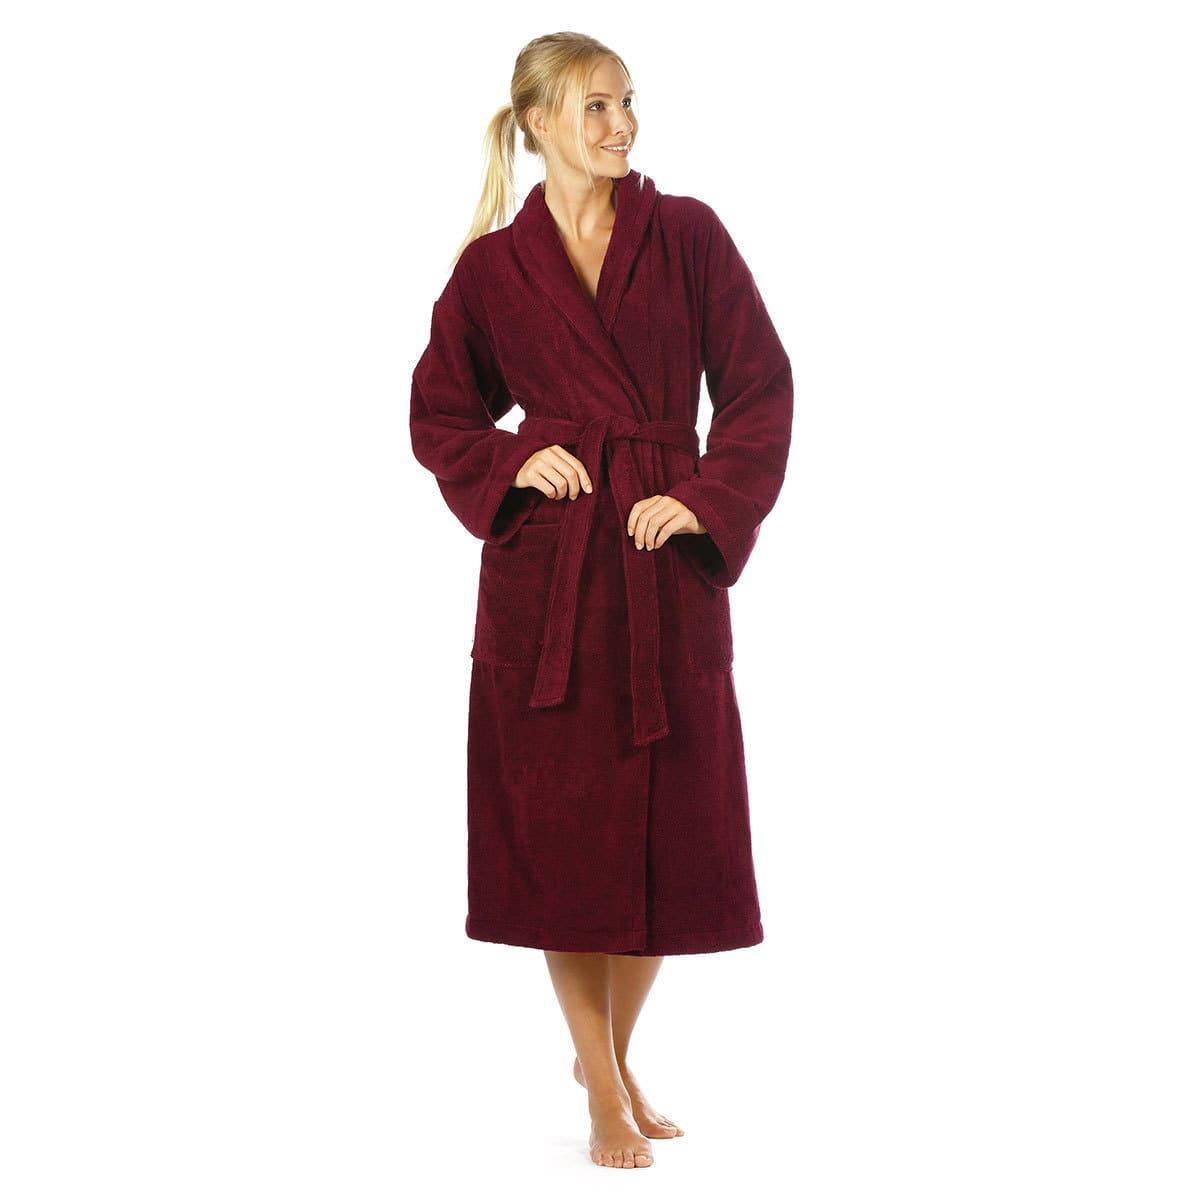 Egeria Damen Kimono Mika oxblood red